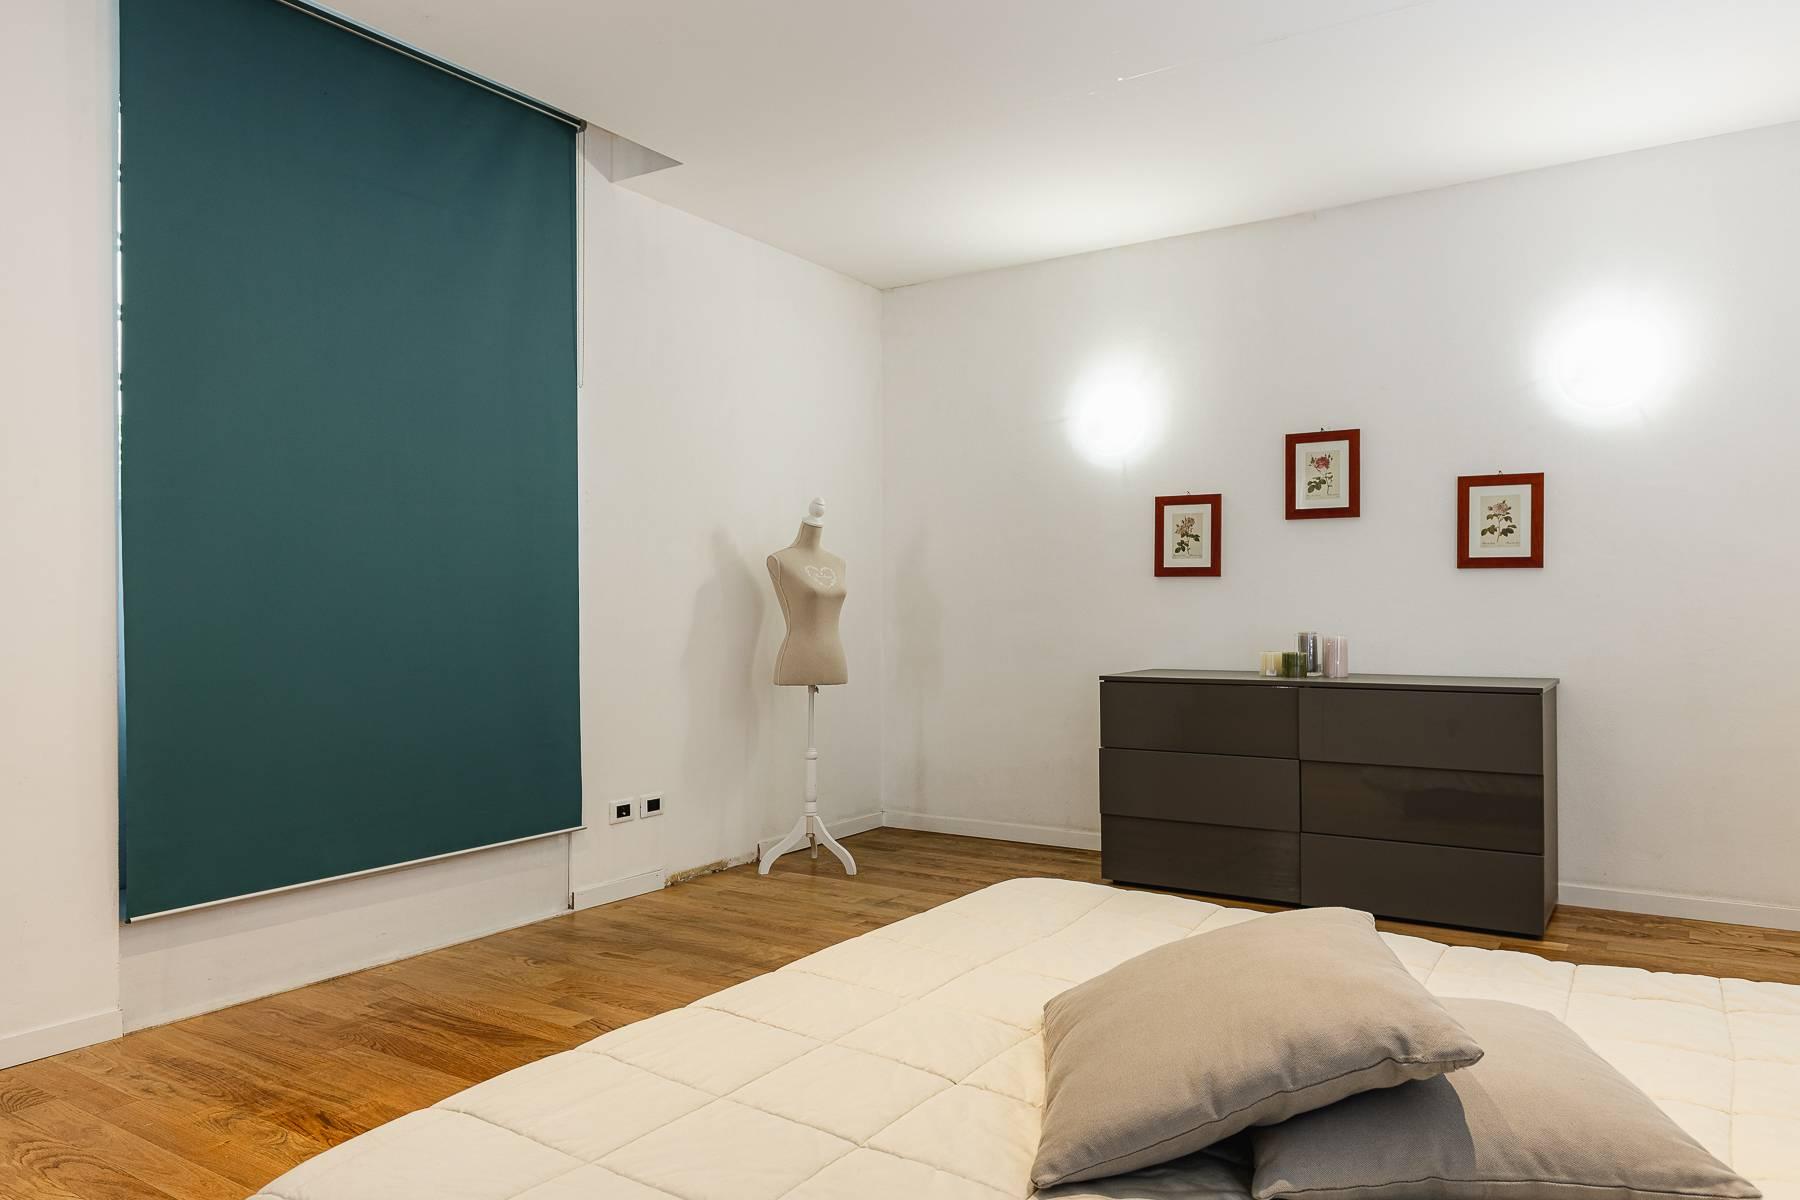 Appartamento in Vendita a Palermo: 4 locali, 154 mq - Foto 19